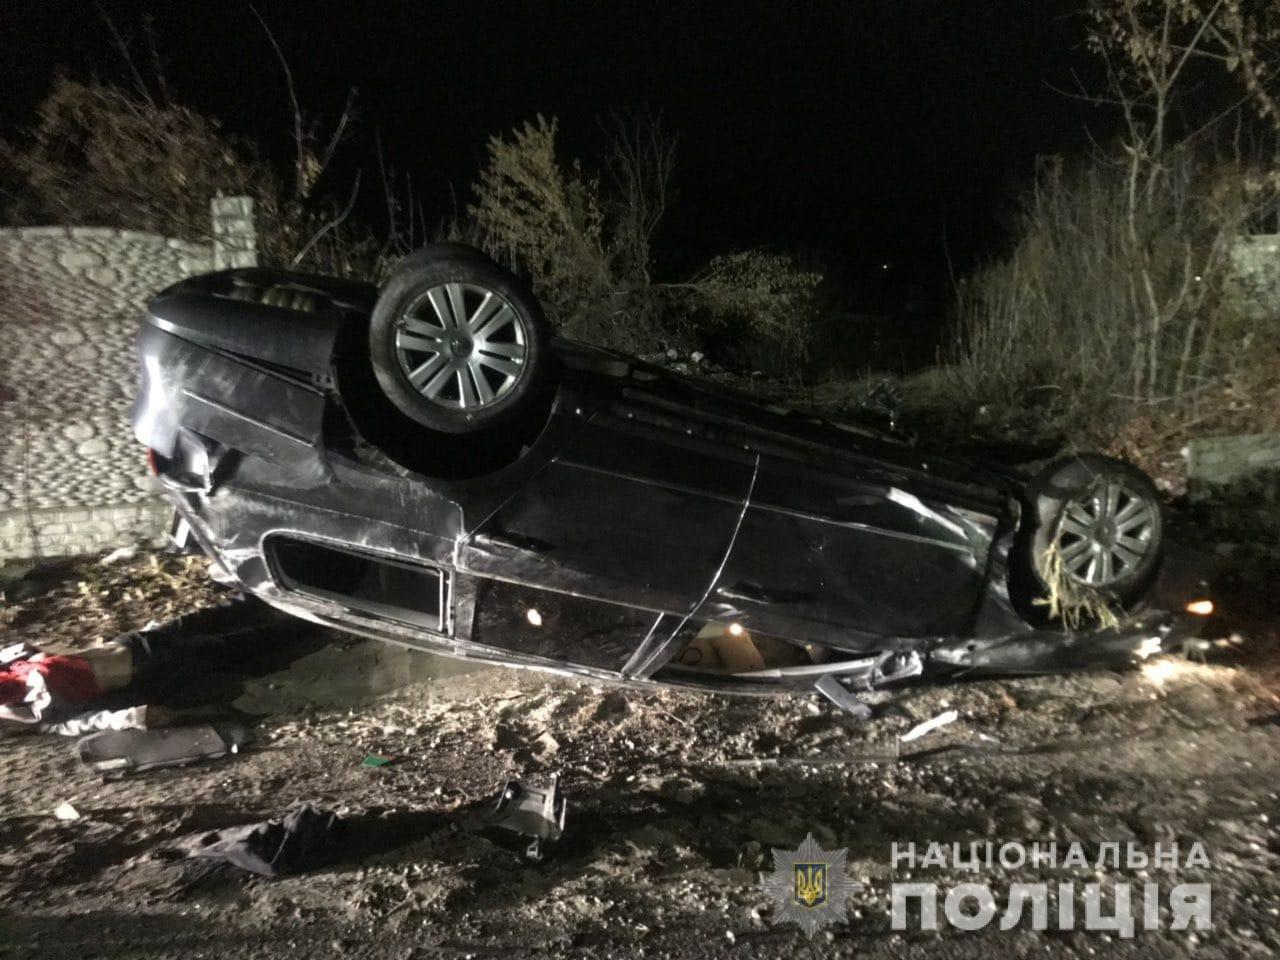 Под Харьковом парень взял машину у отца и врезался в столб. Погибла девушка, - ФОТО, фото-2